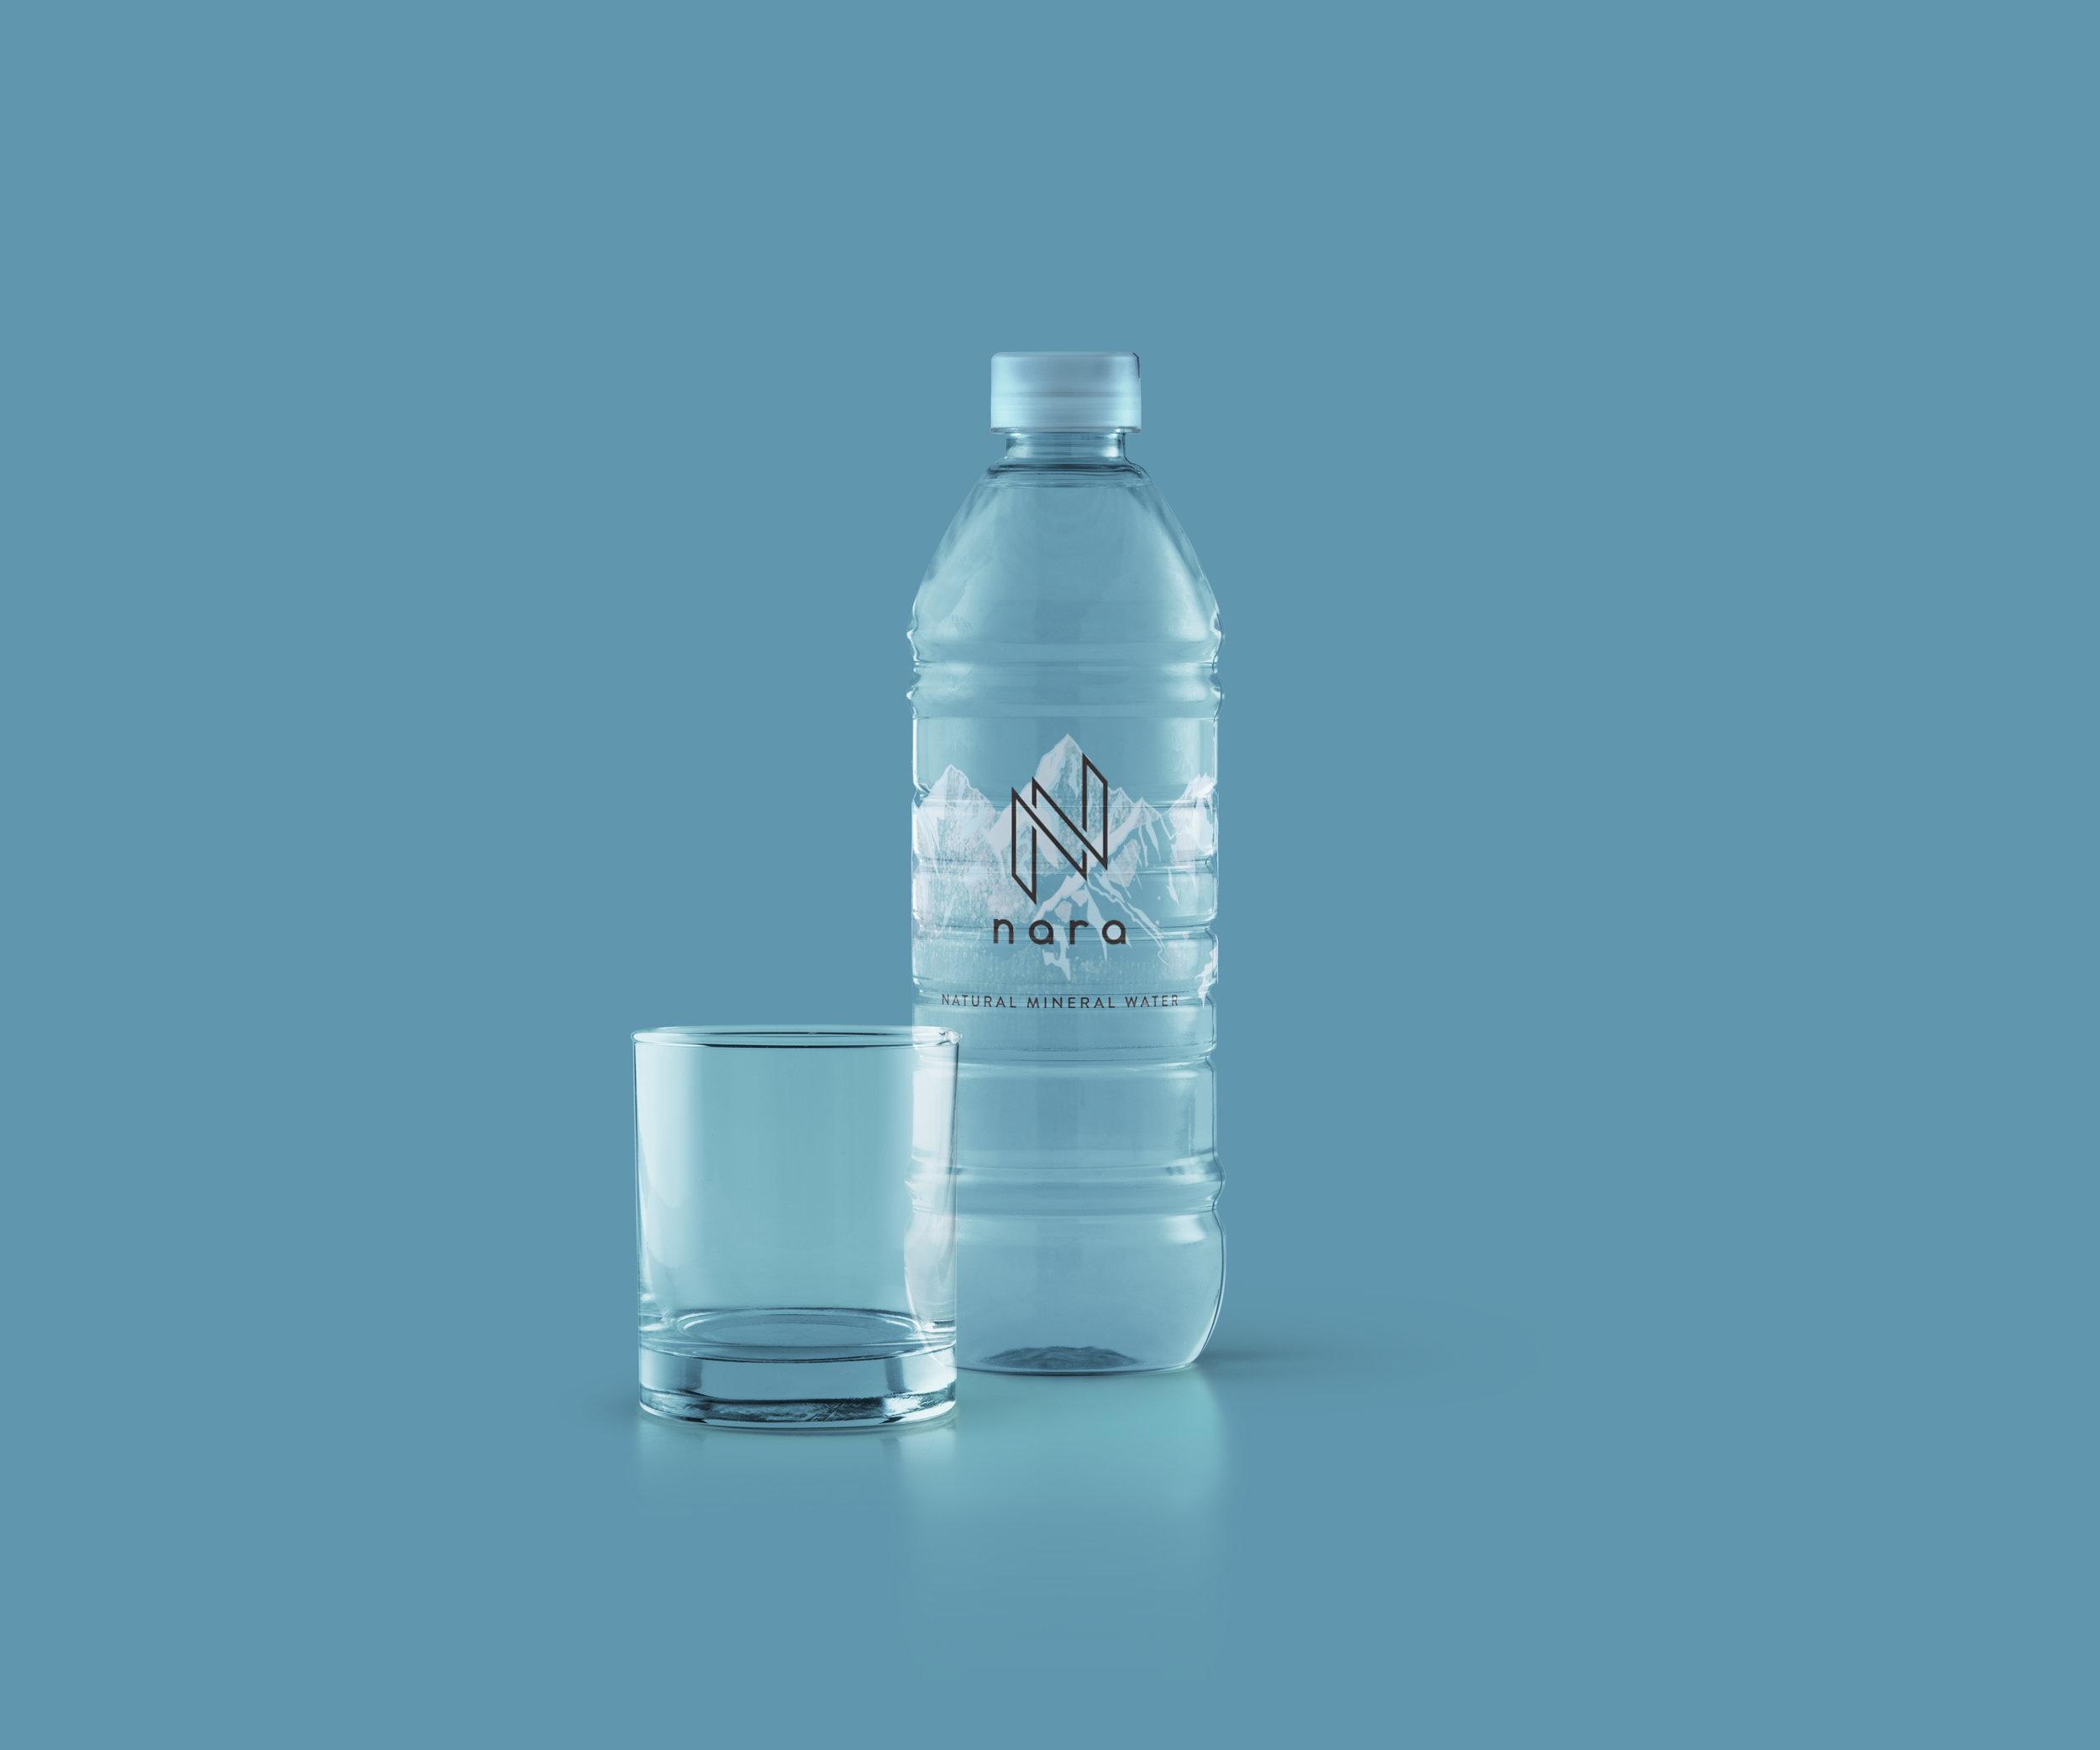 Nara Bottle Label Mock up3.jpg